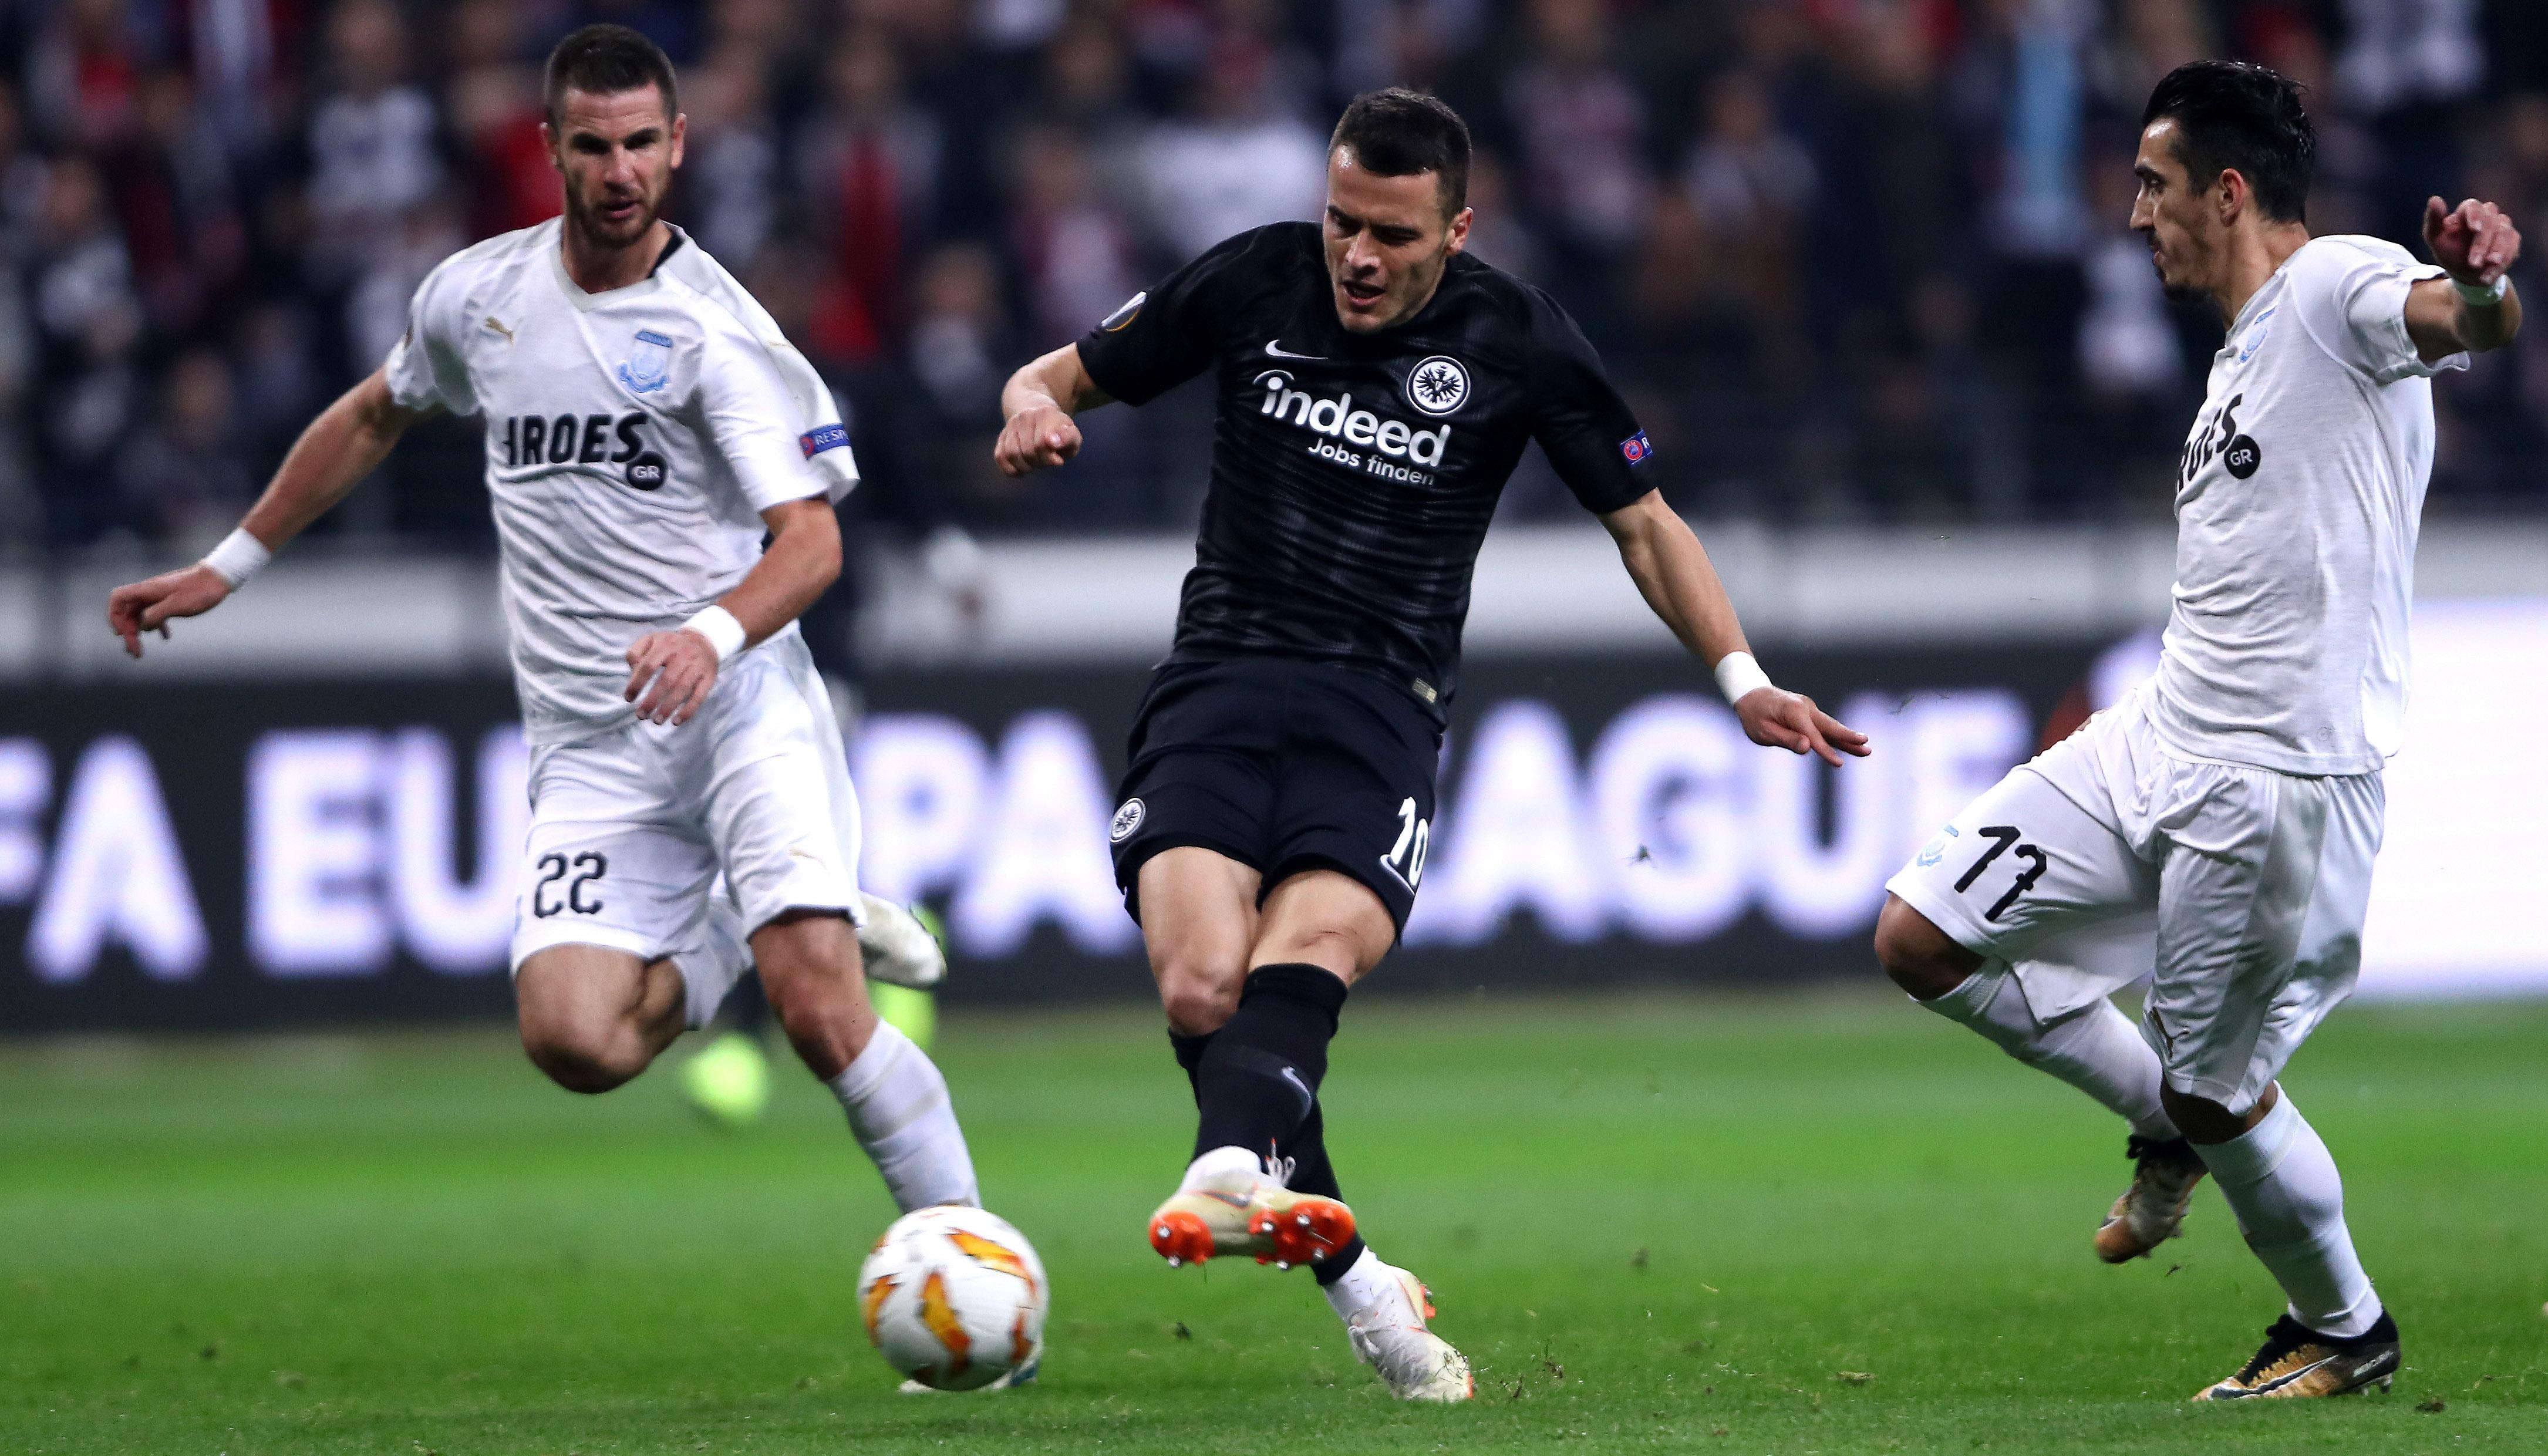 Apollon Limassol – Eintracht Frankfurt: Das Weiterkommen im Blick